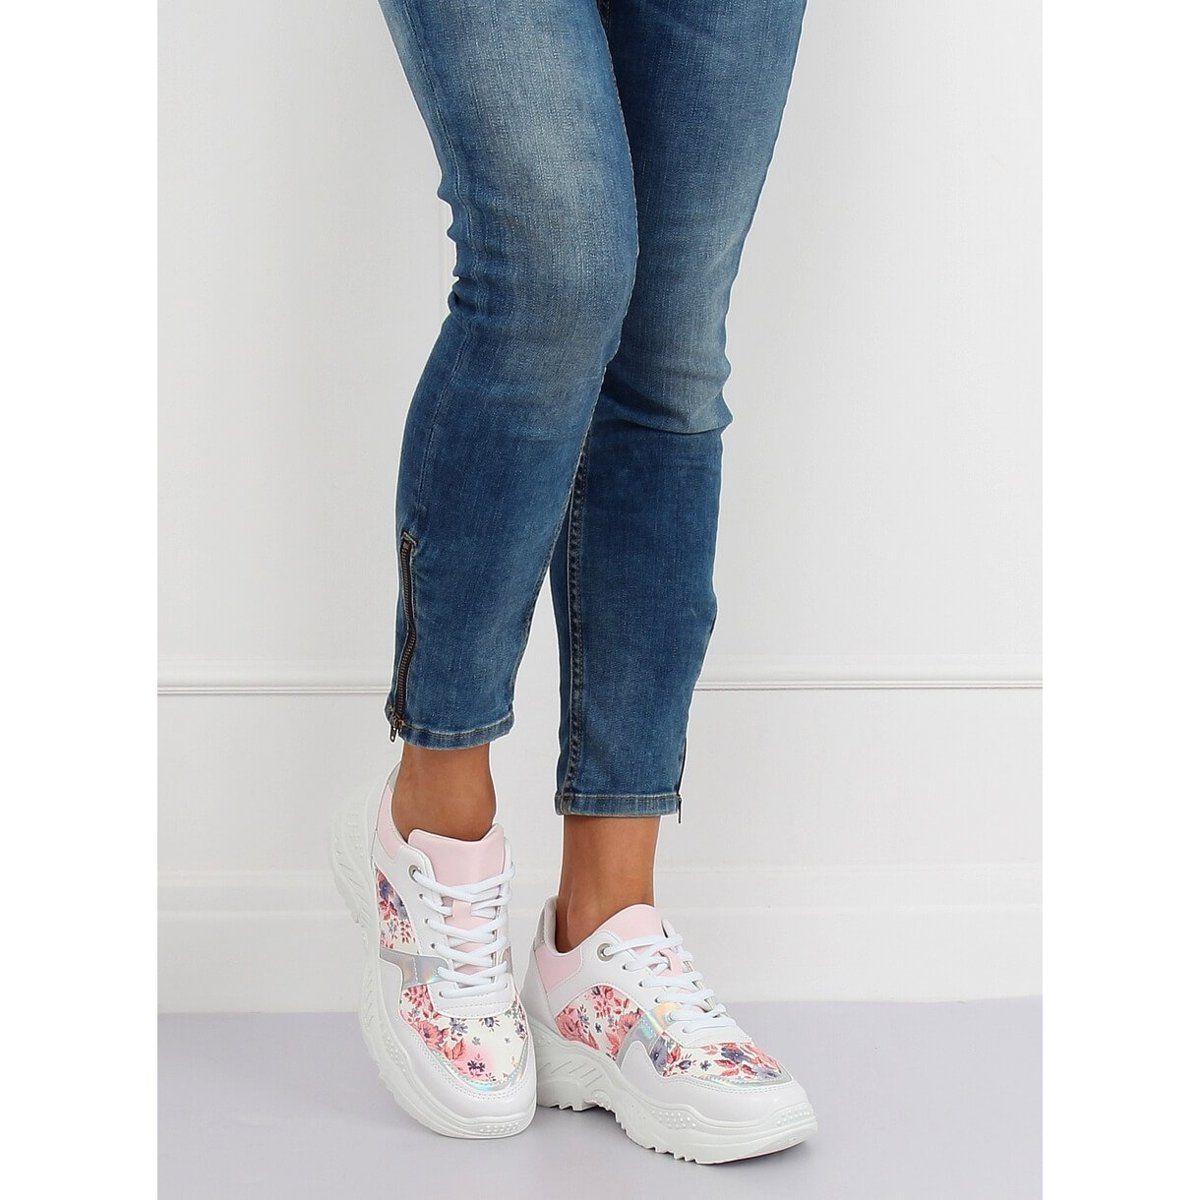 Trampki Damskie Butymodne Buty Sportowe W Kwiaty Biale 3002 White Flower Red Sport Shoes Sports Footwear Shoes